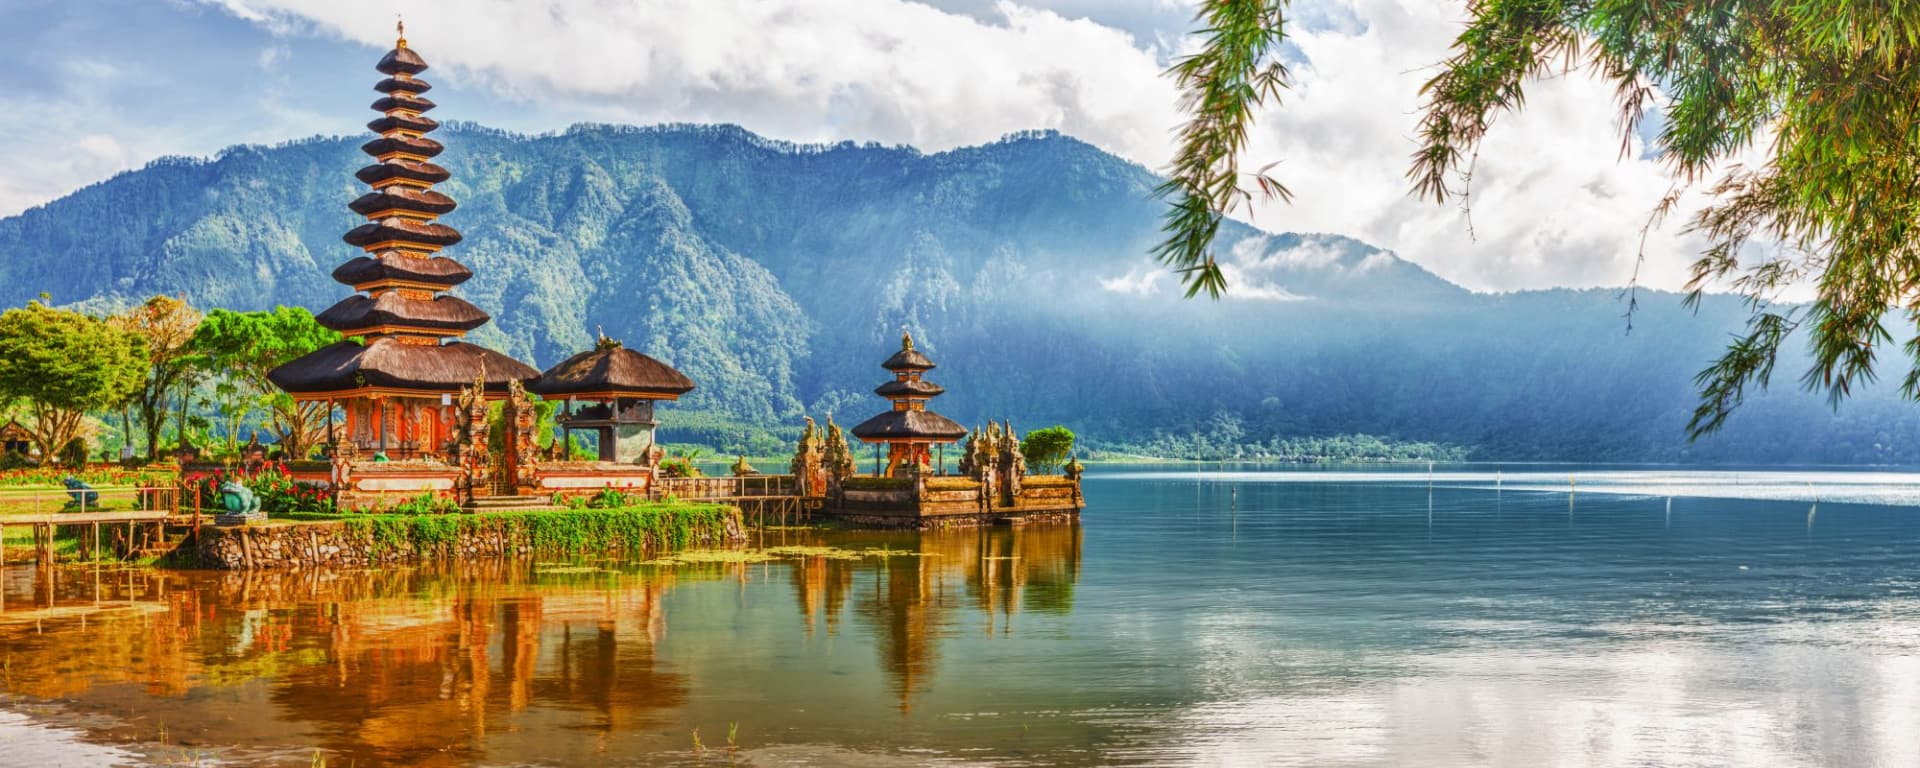 Wissenswertes zu Indonesien Reisen und Ferien: Bali Ulun Danu temple on lake Beratan